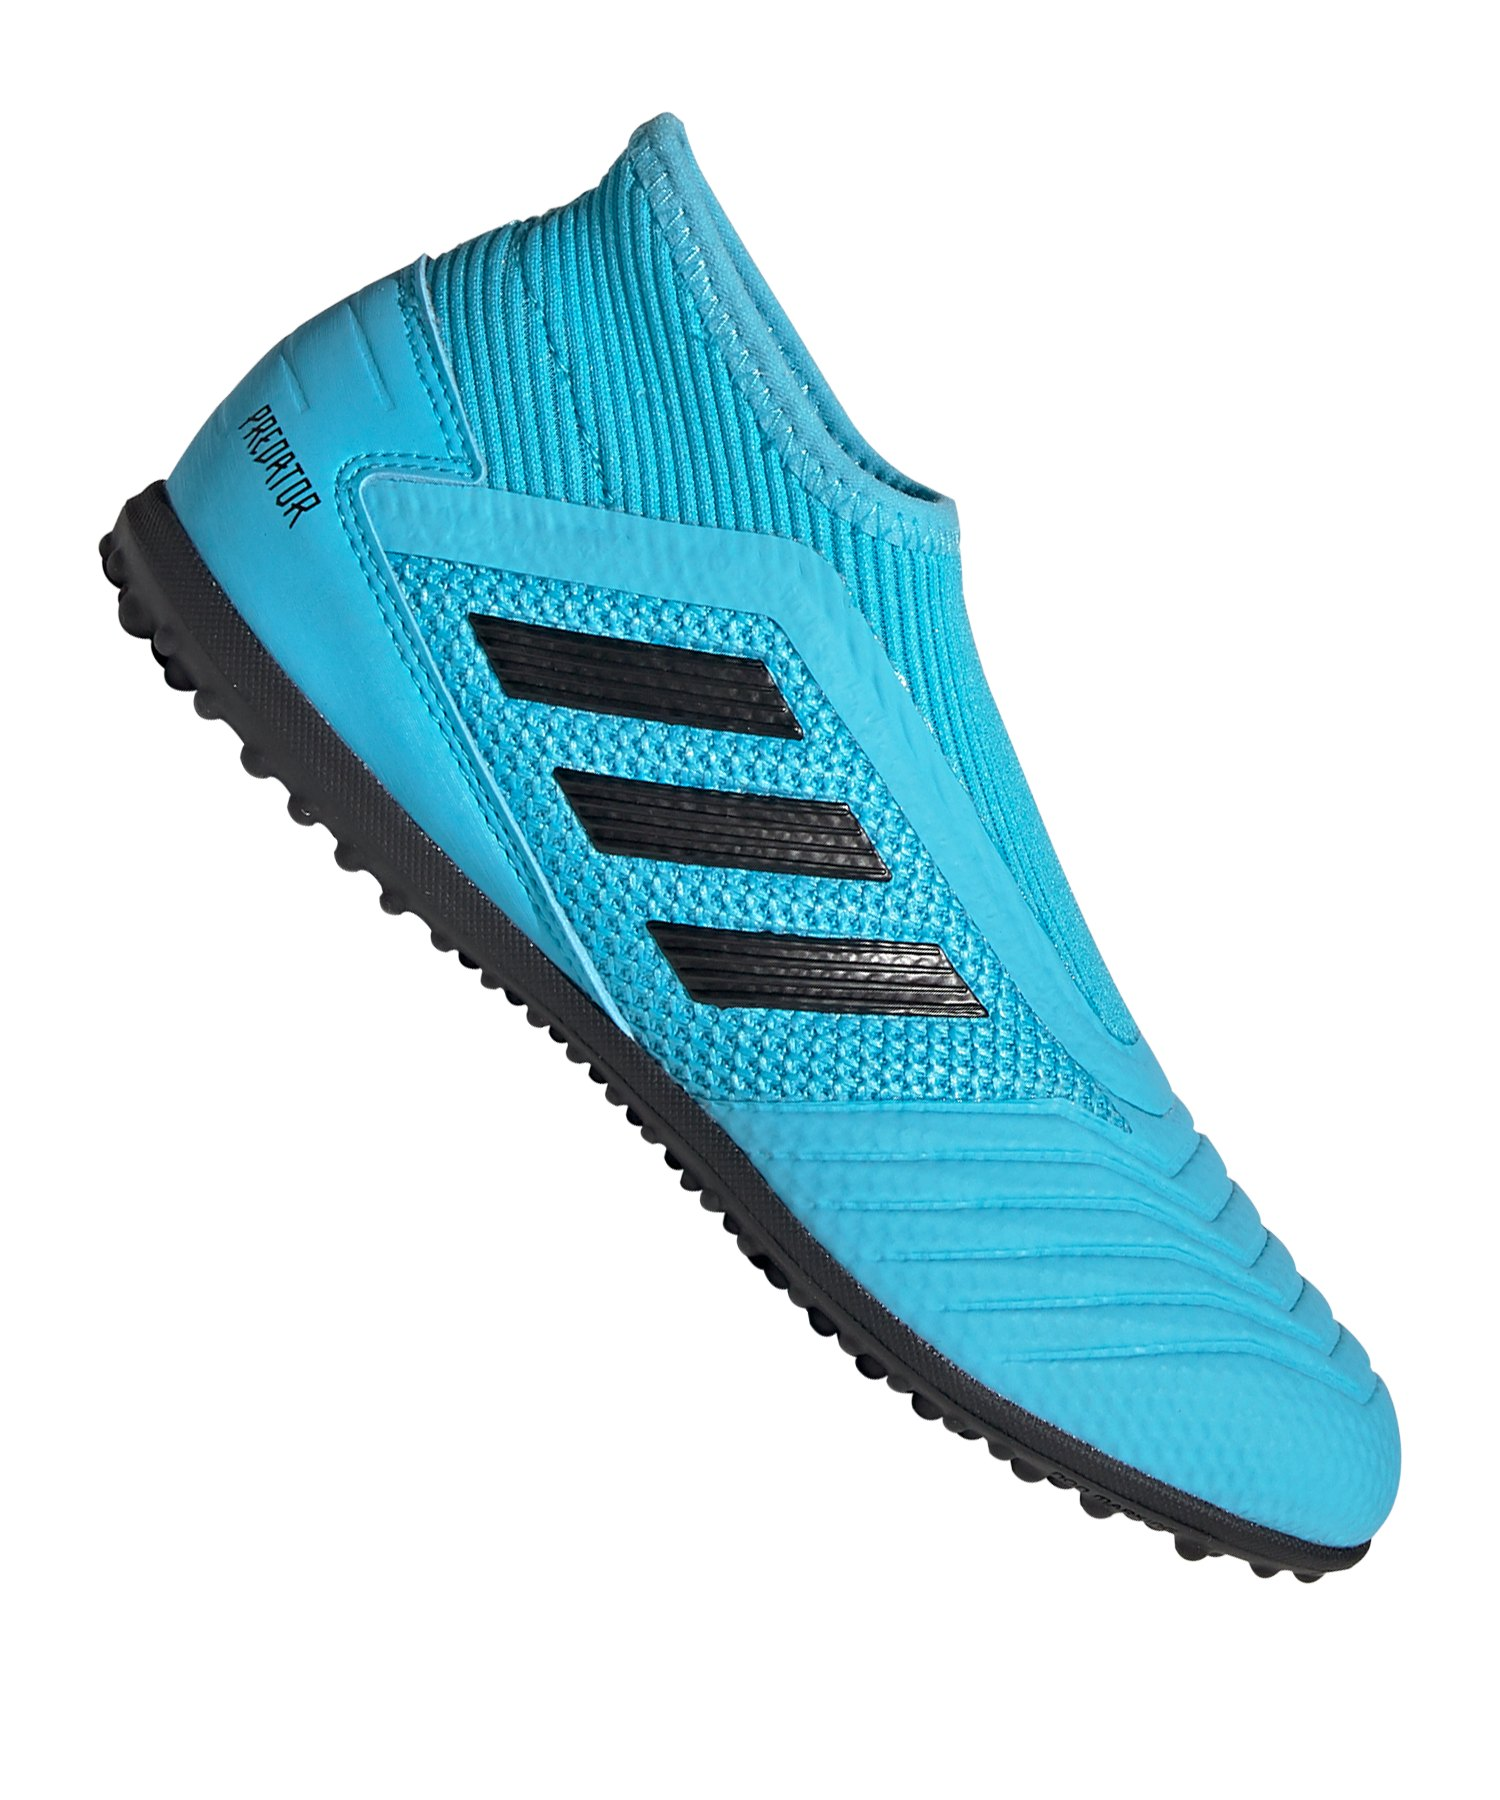 adidas Predator 19.3 LL TF Kids Blau Schwarz - blau